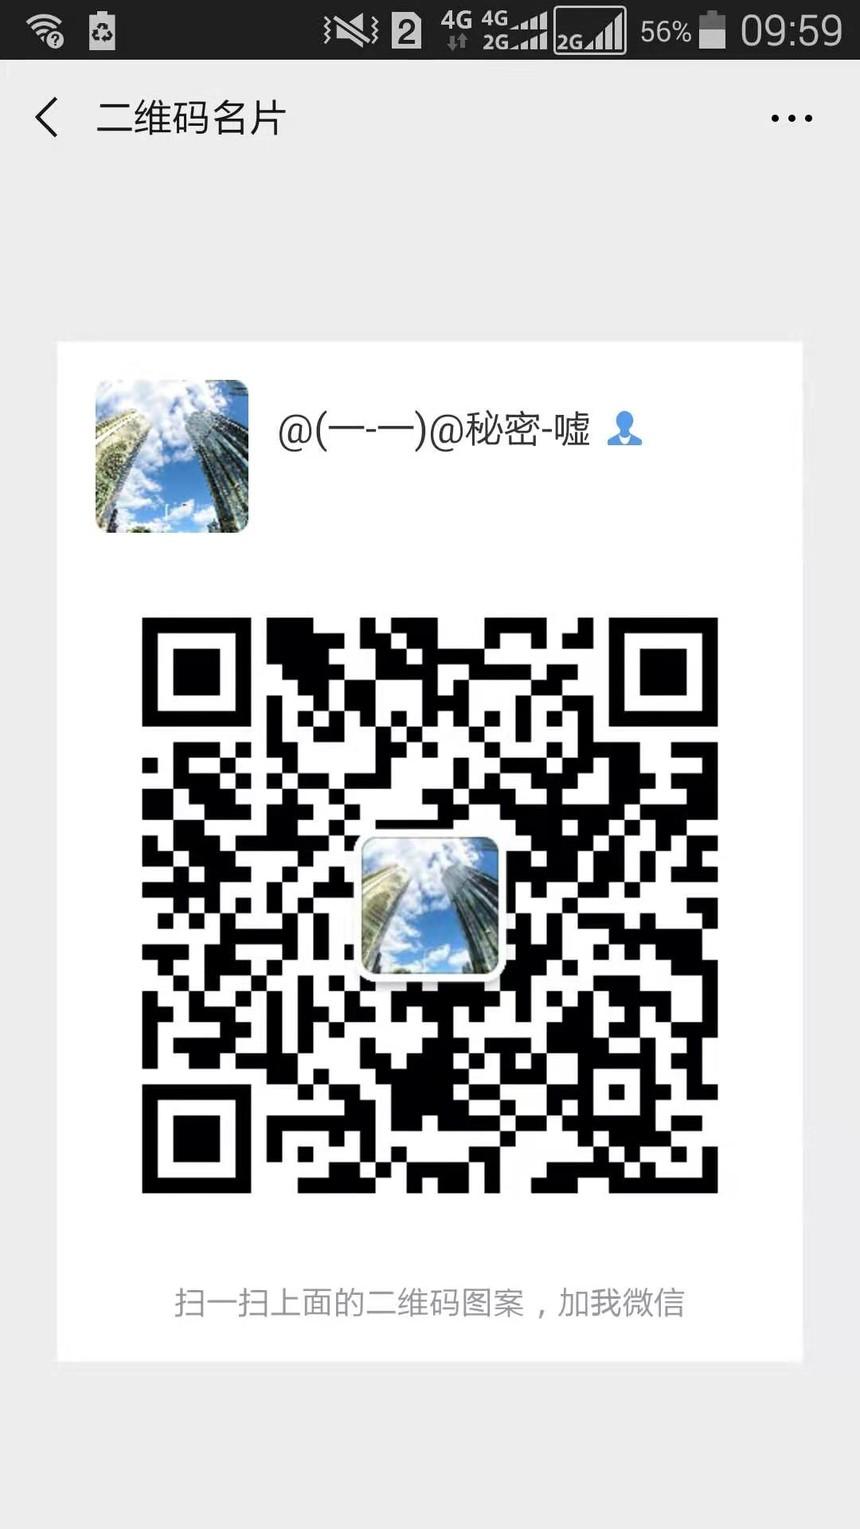 微信图片_20190227095824.jpg